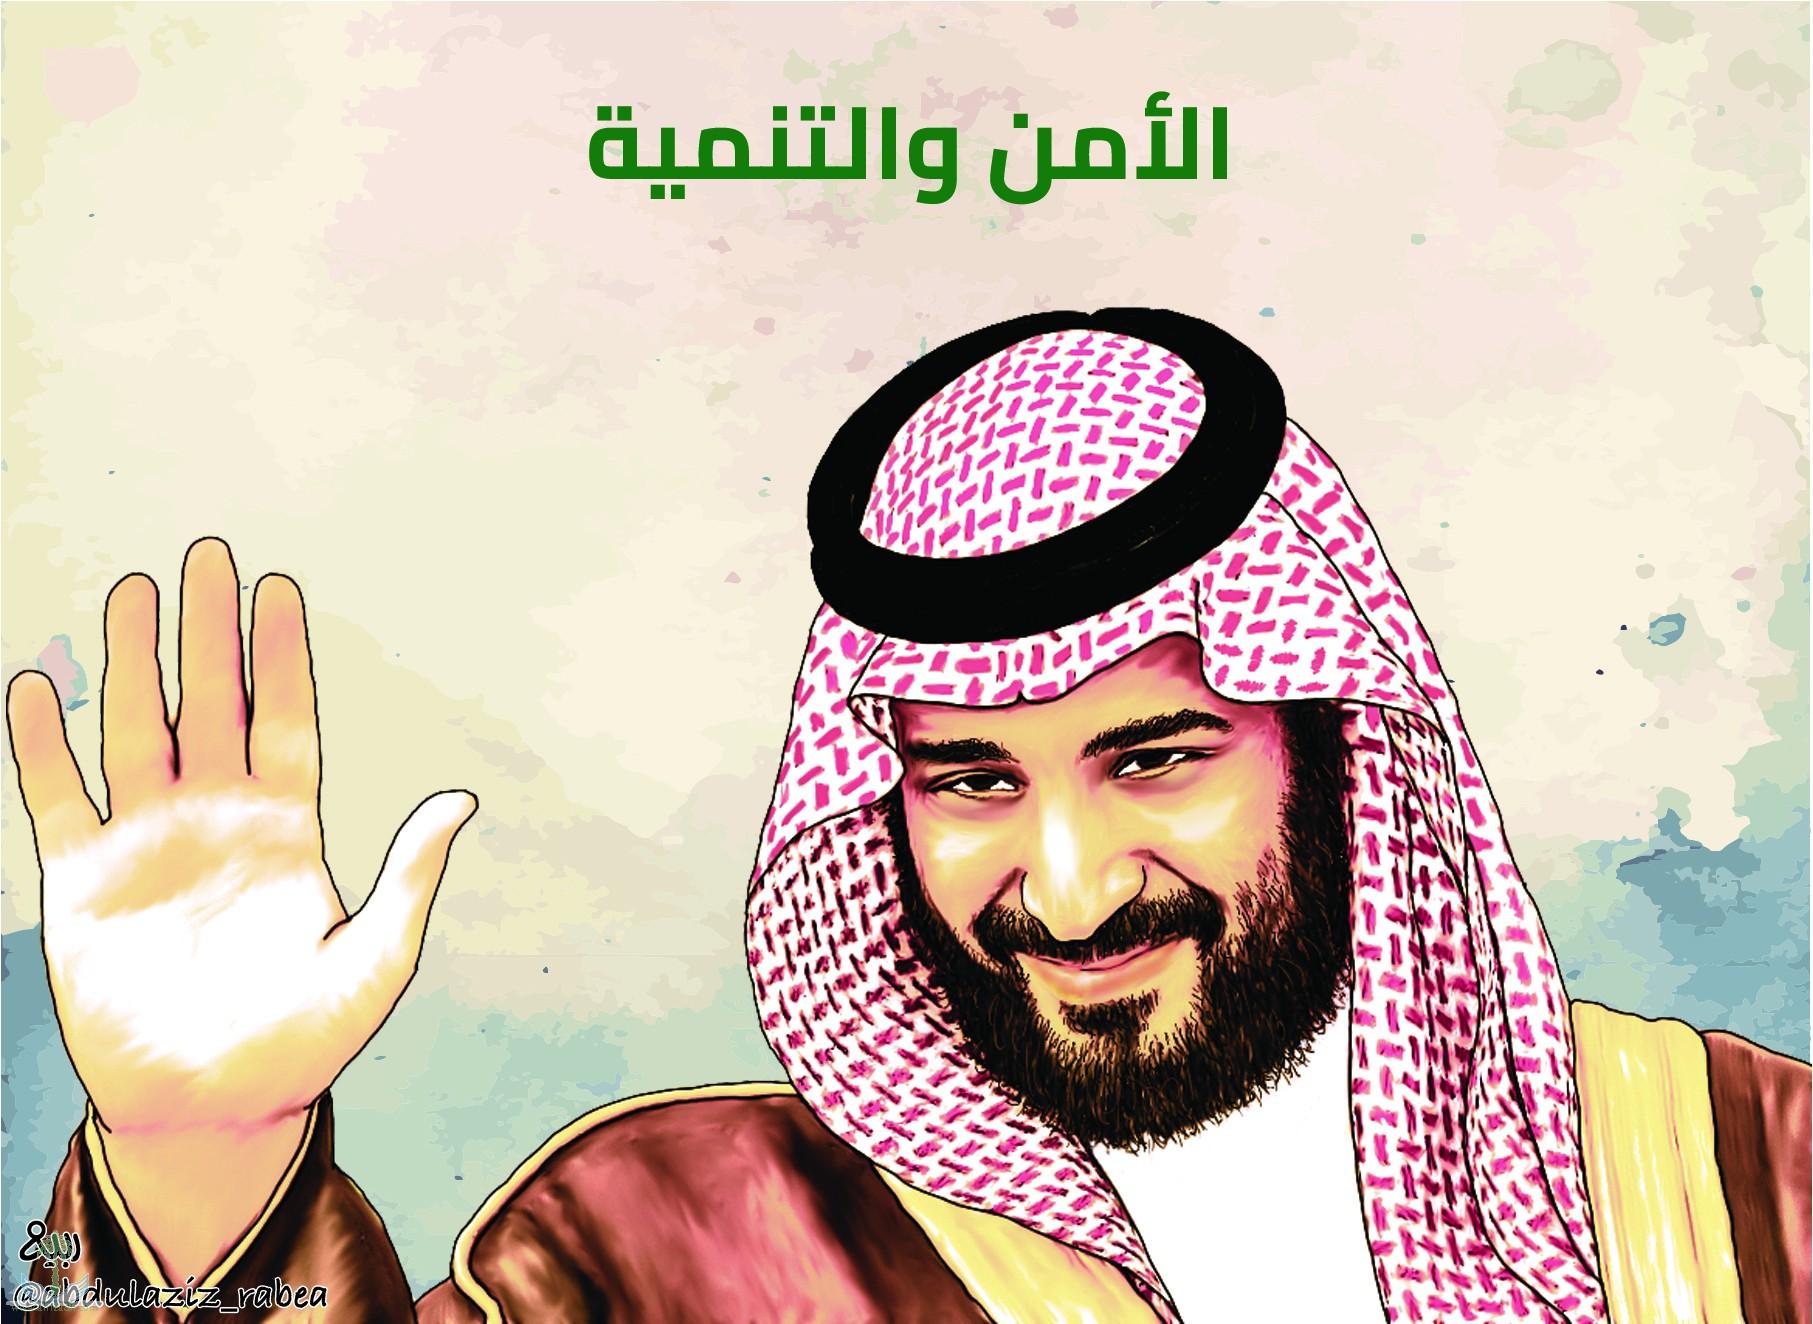 كاريكاتير الصحف السعودية .. الأمير محمد بن سلمان رجل الأمن ...